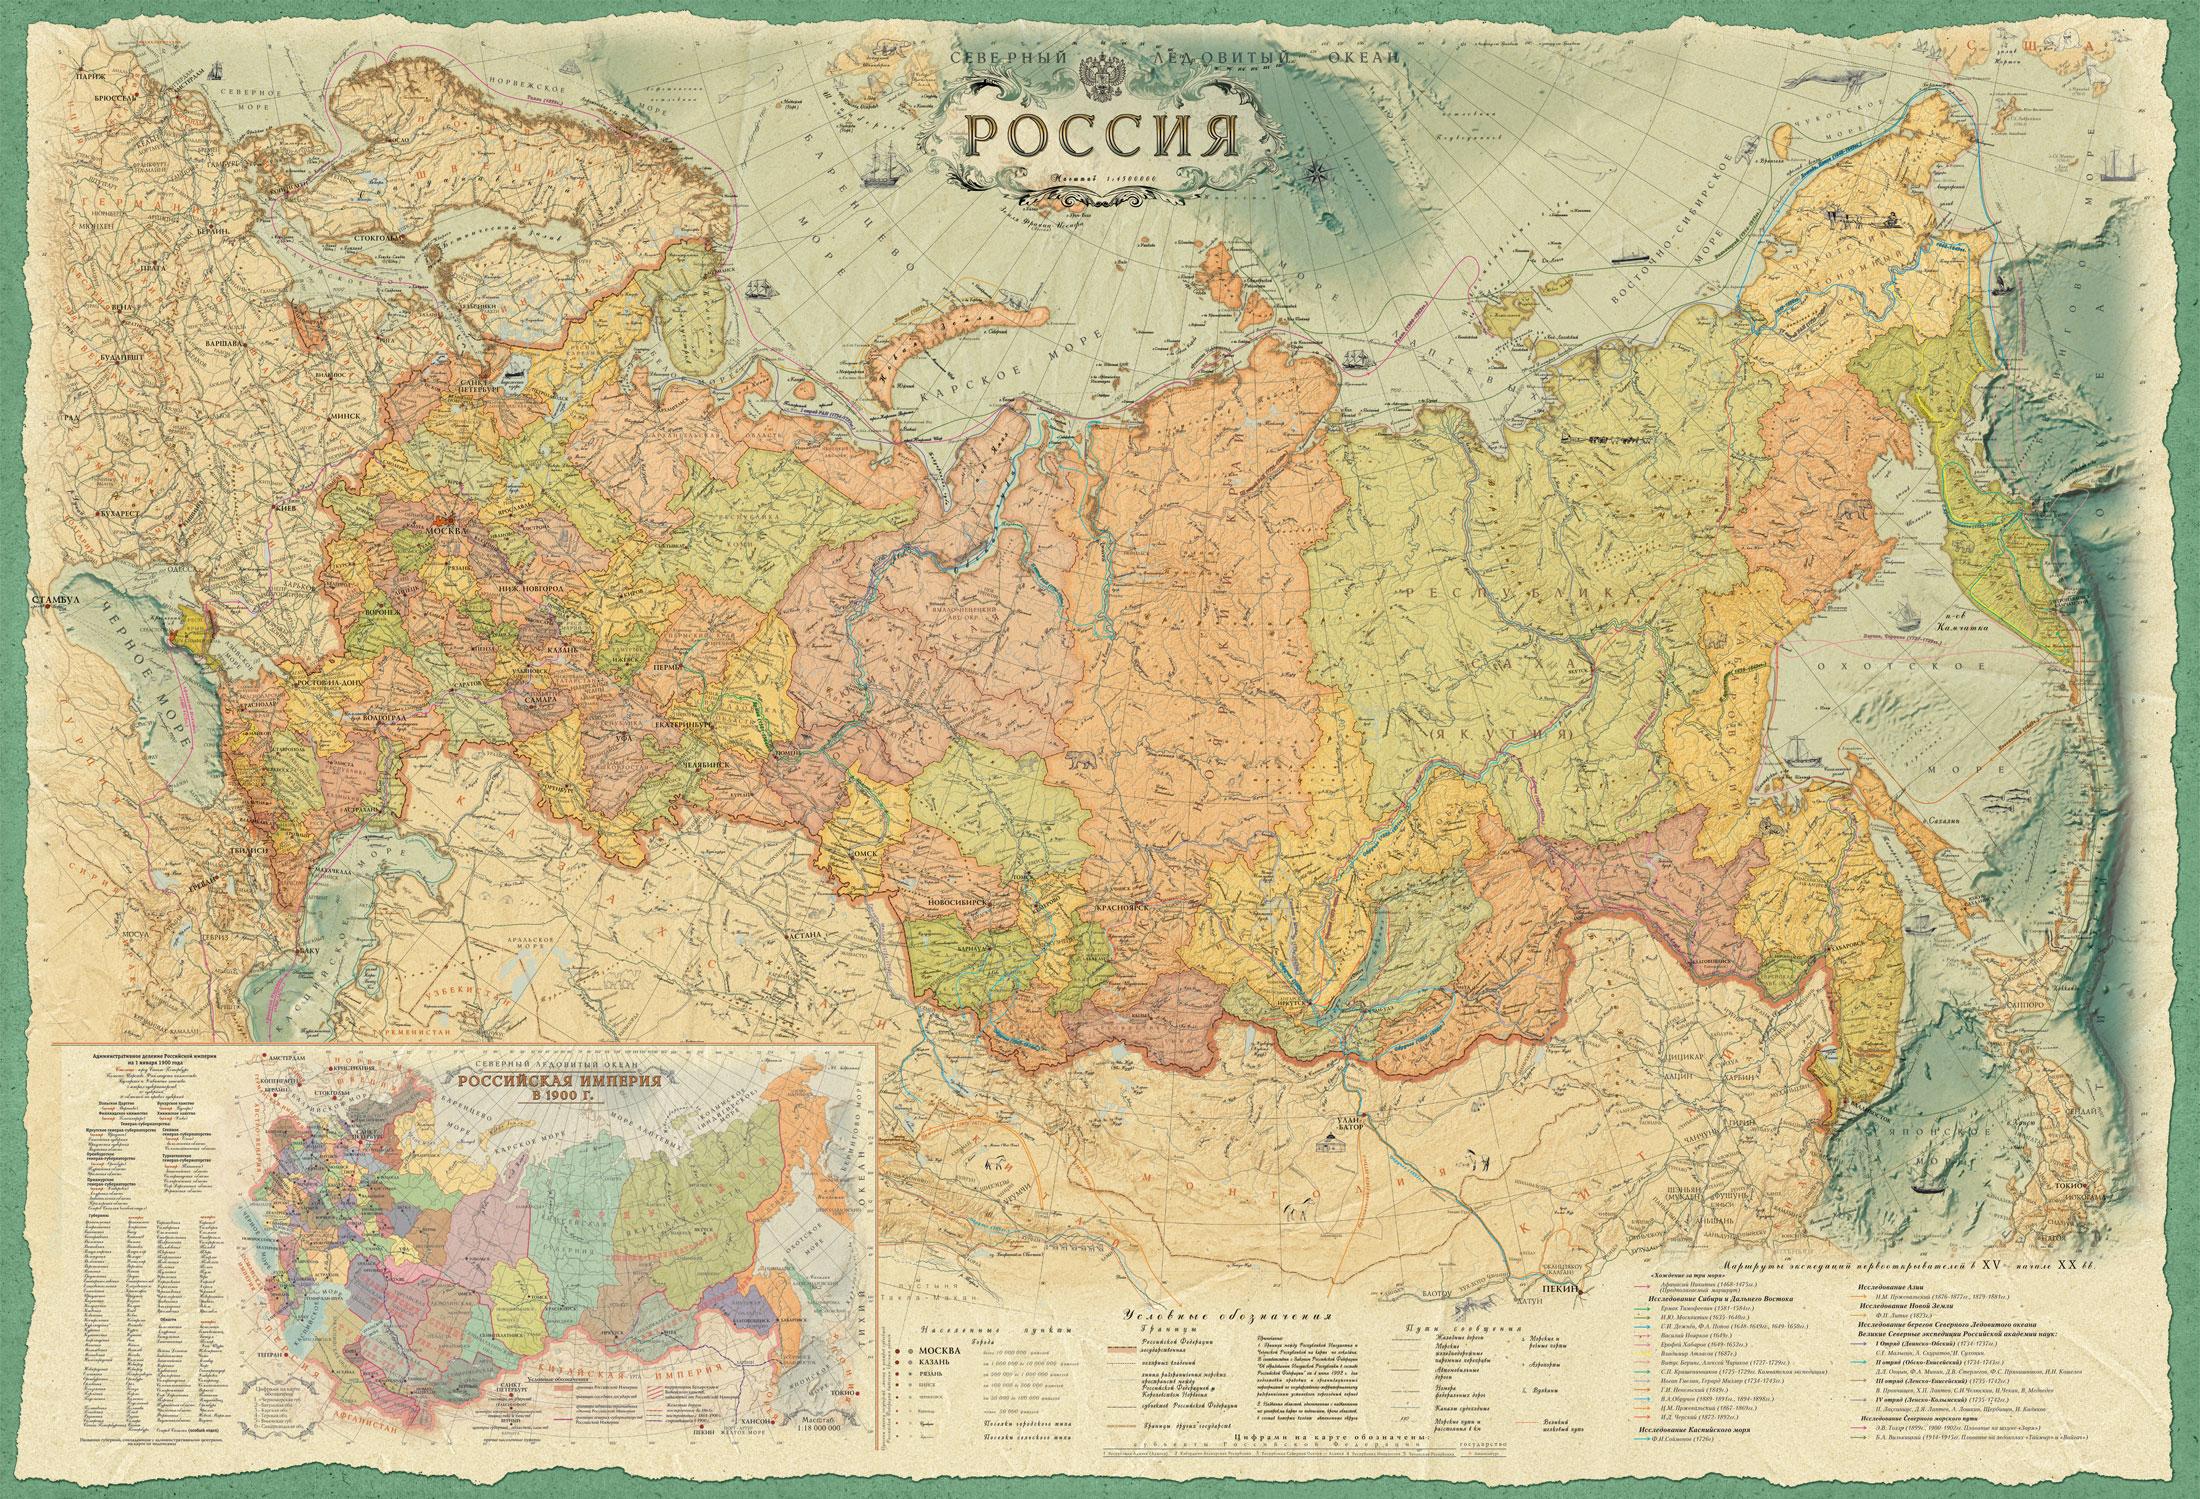 Настенная карта России в стиле ретро 2,20*1,50 м матовая ламинация